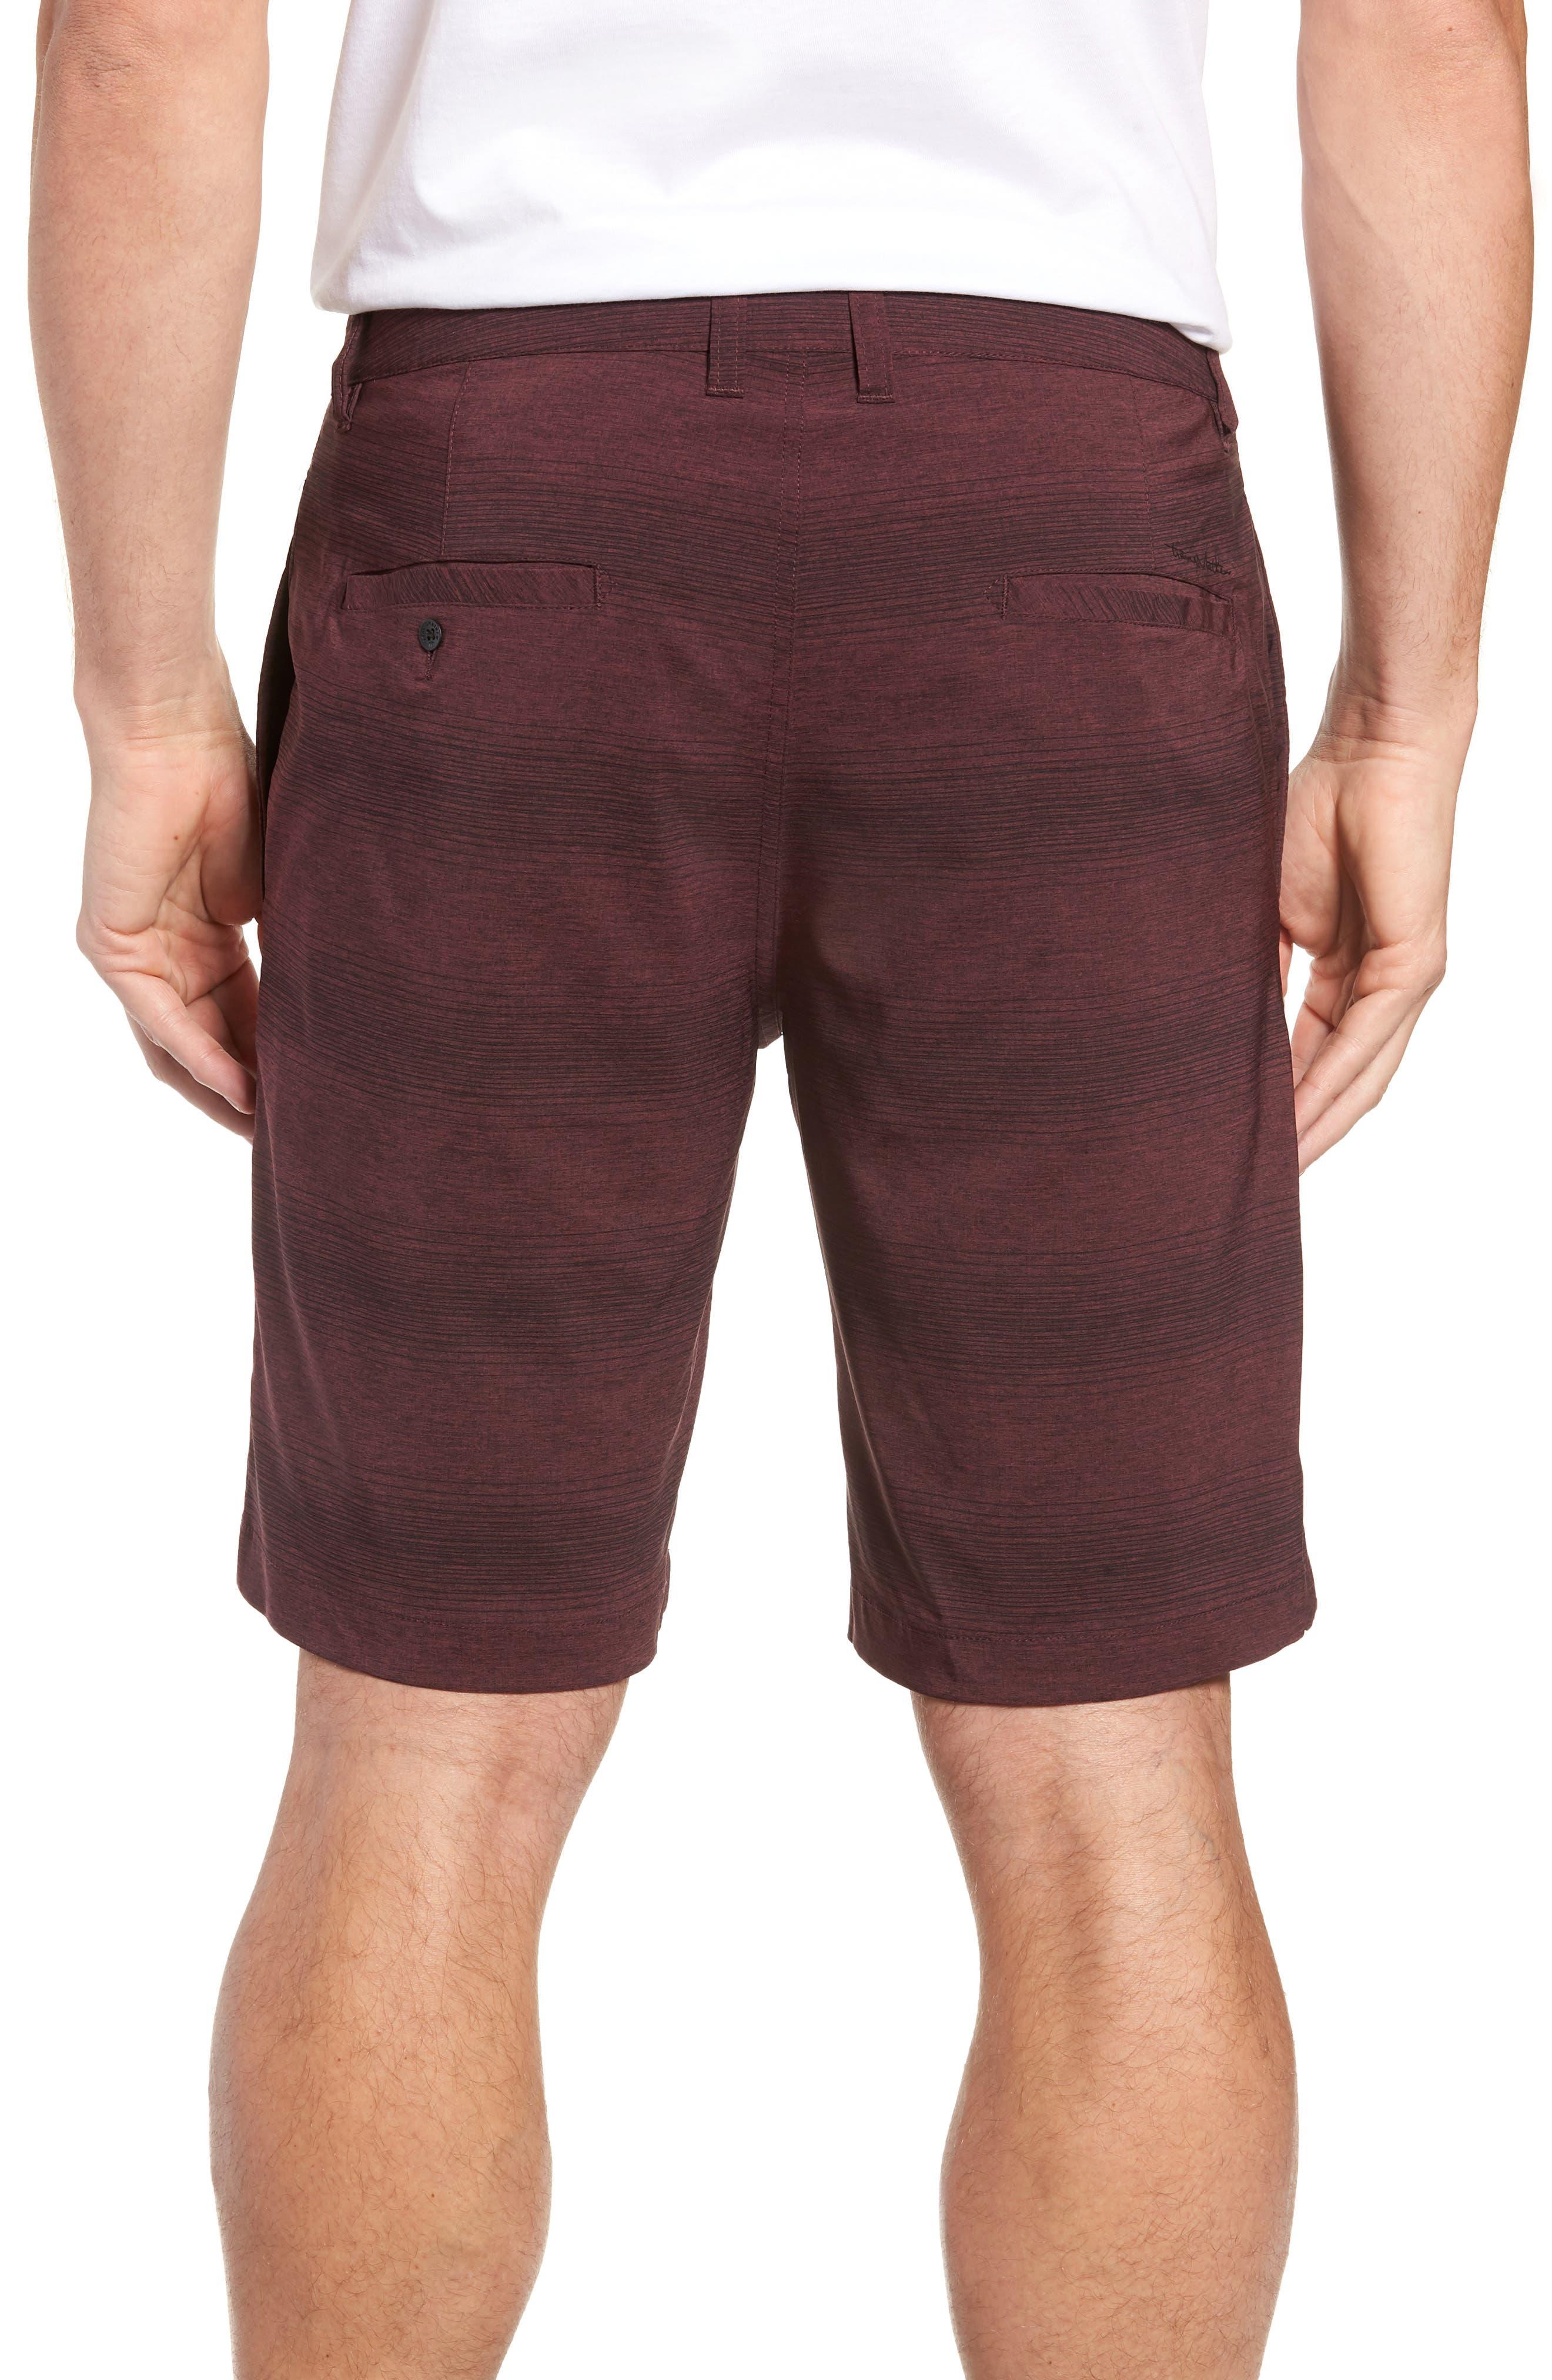 Tepic Shorts,                             Alternate thumbnail 2, color,                             WINETASTING/ BLACK